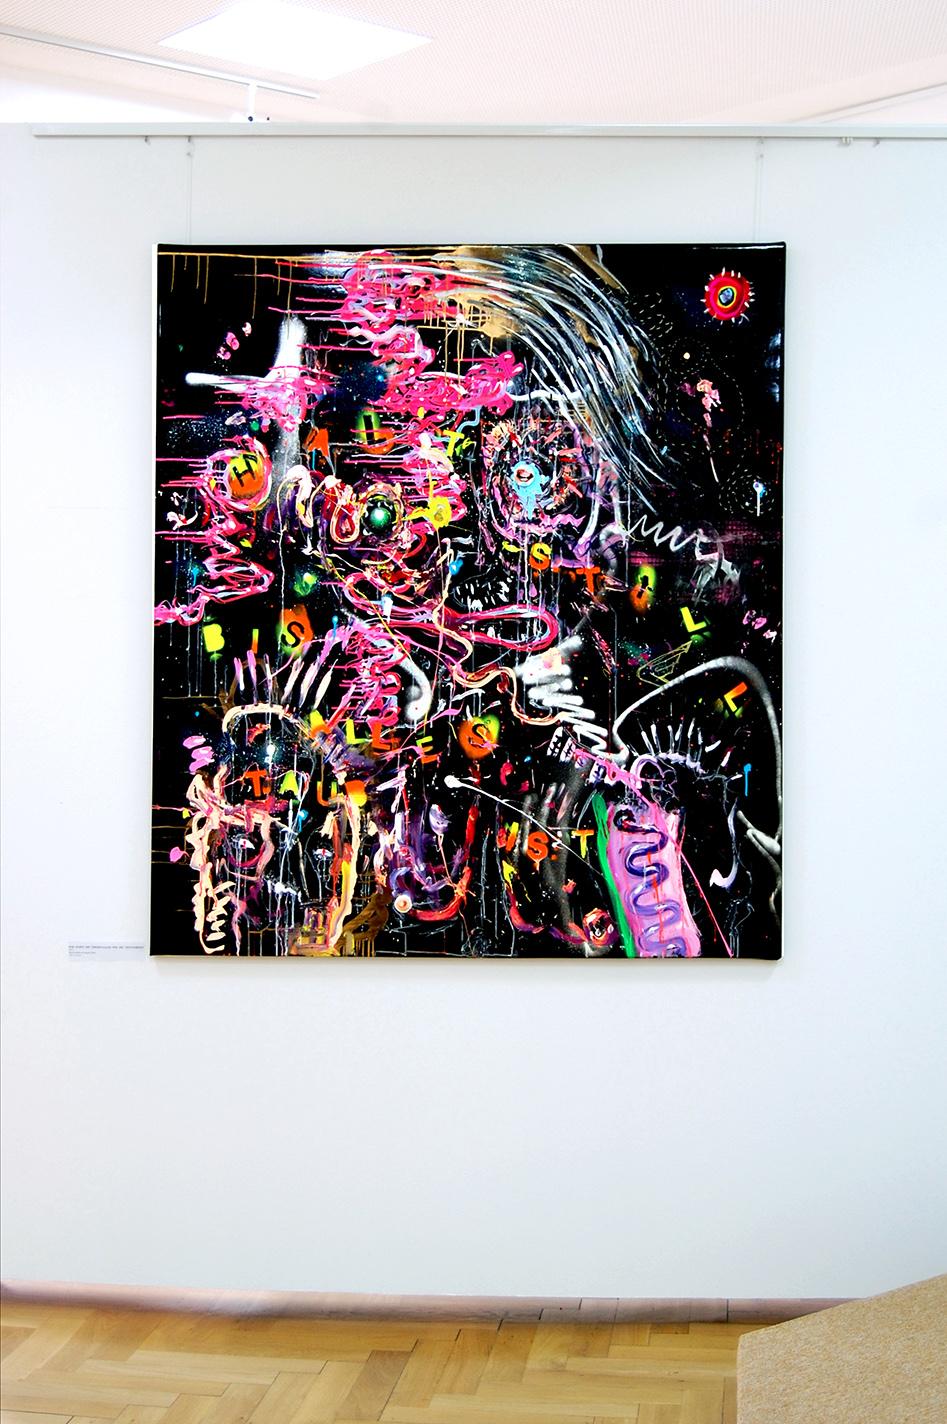 WIR HABEN DIE ÜBERKNALLER WIE DIE VIETNAMESEN, 2012, Mixed Media auf Lackstoff, 150x135cm